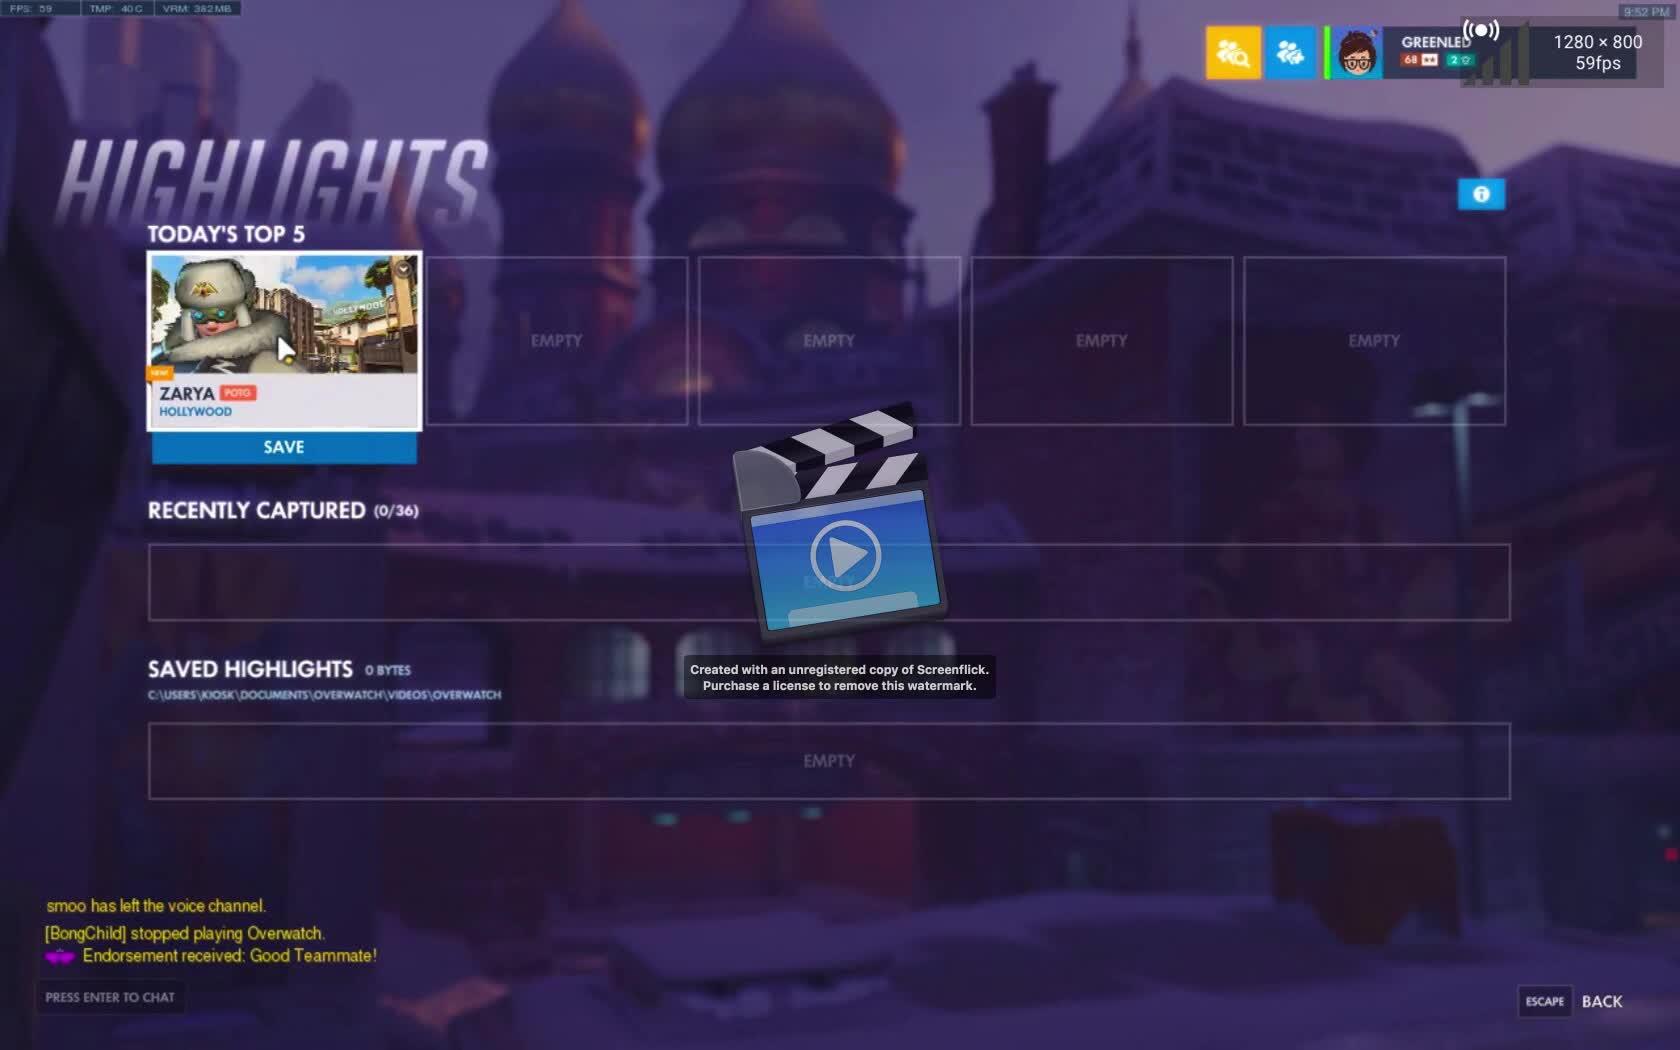 overwatch, Highlight GIFs